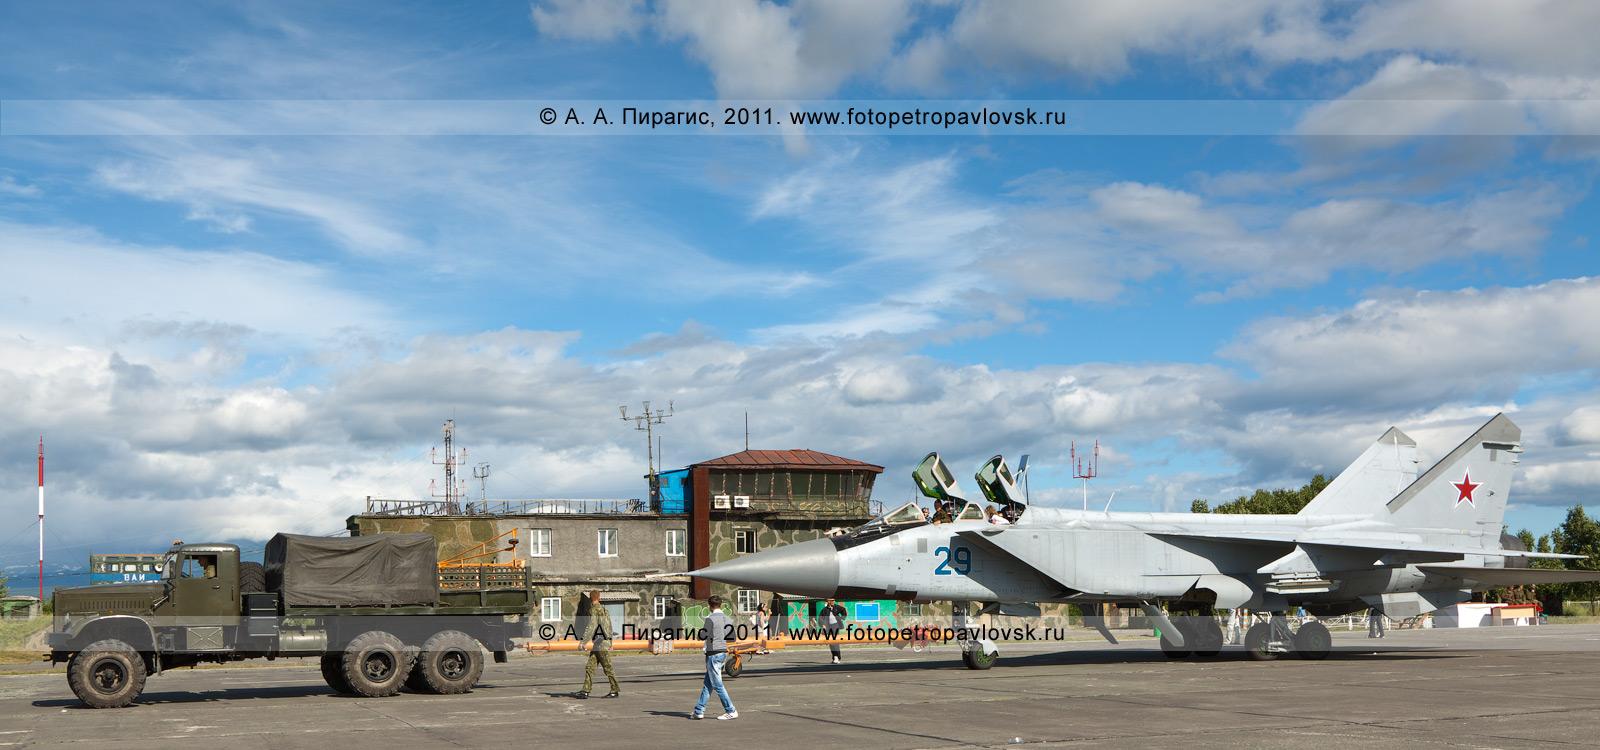 Фотография: транспортировка истребителя МиГ-31. Военный аэродром Елизово на полуострове Камчатка